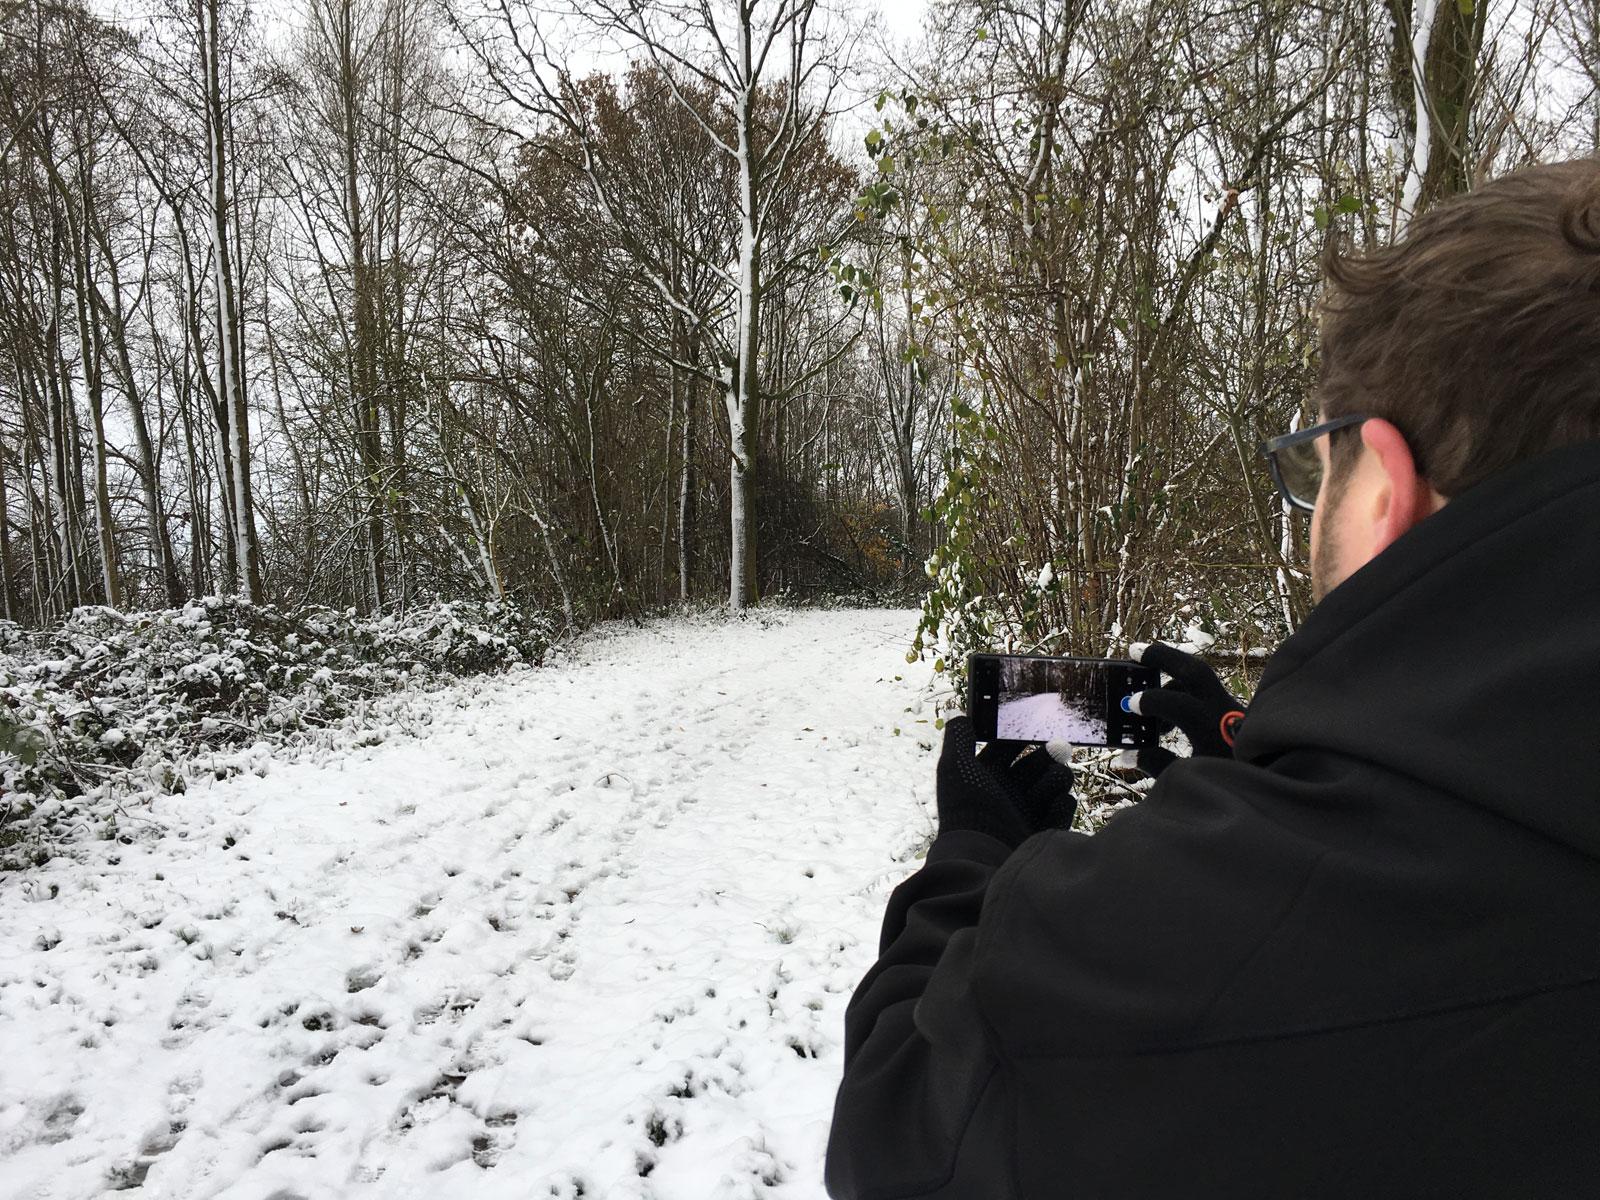 foto maken buiten in sneeuw